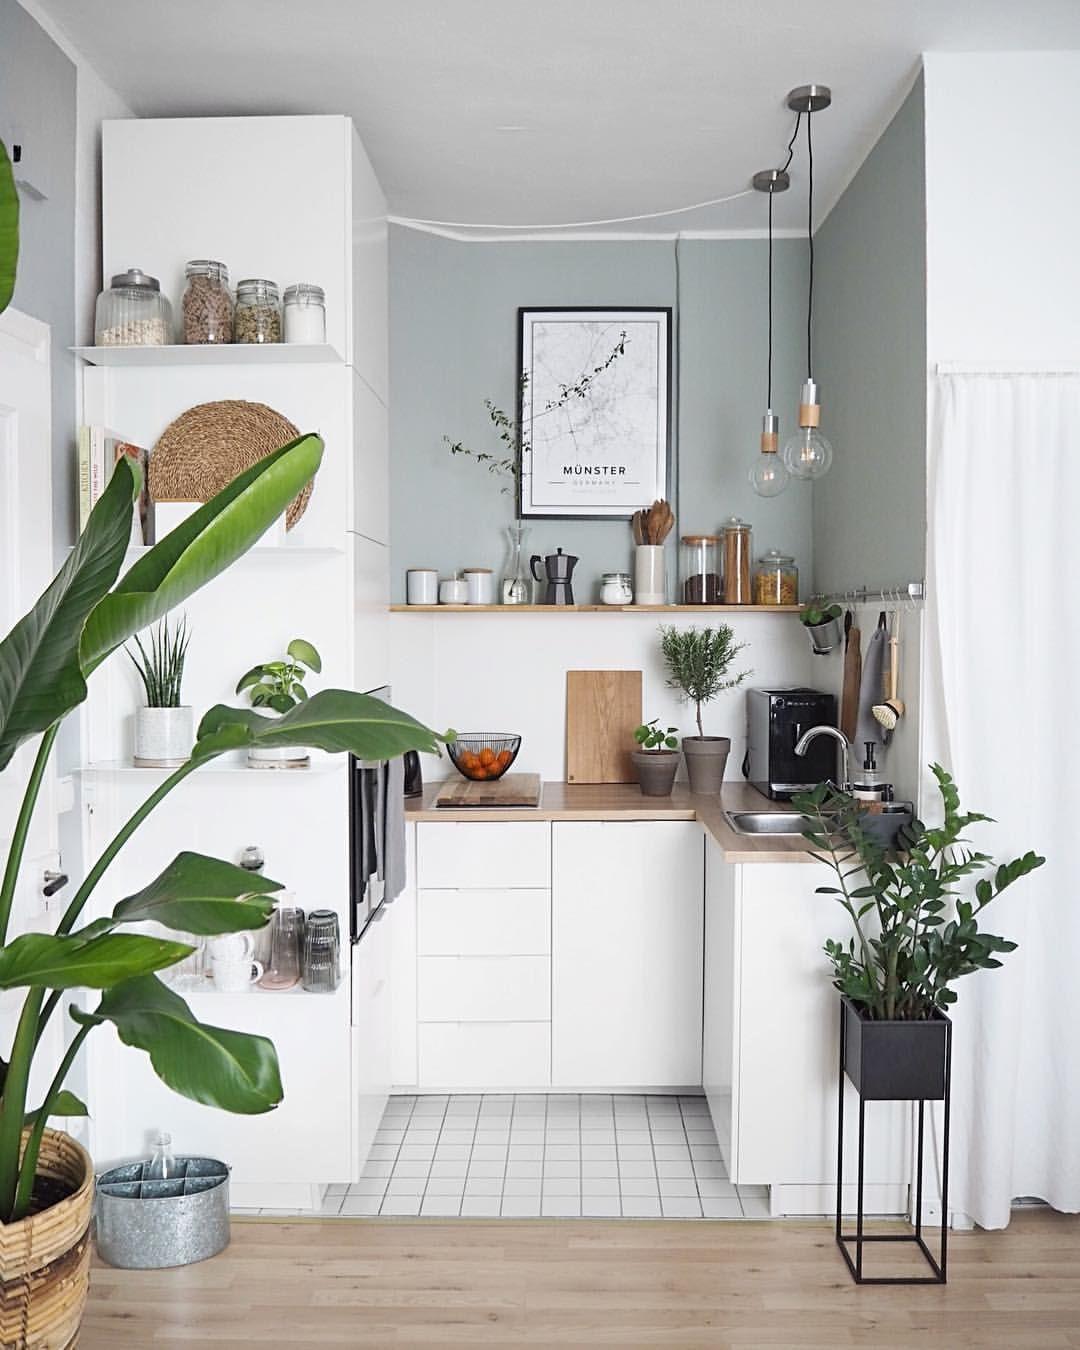 ᴸᴬᵁᴿᴬ Oursweetliving Instagram Photos And Videos Decorazioni Vegetali Decorazione Scaffale Giardinaggio Di Interni